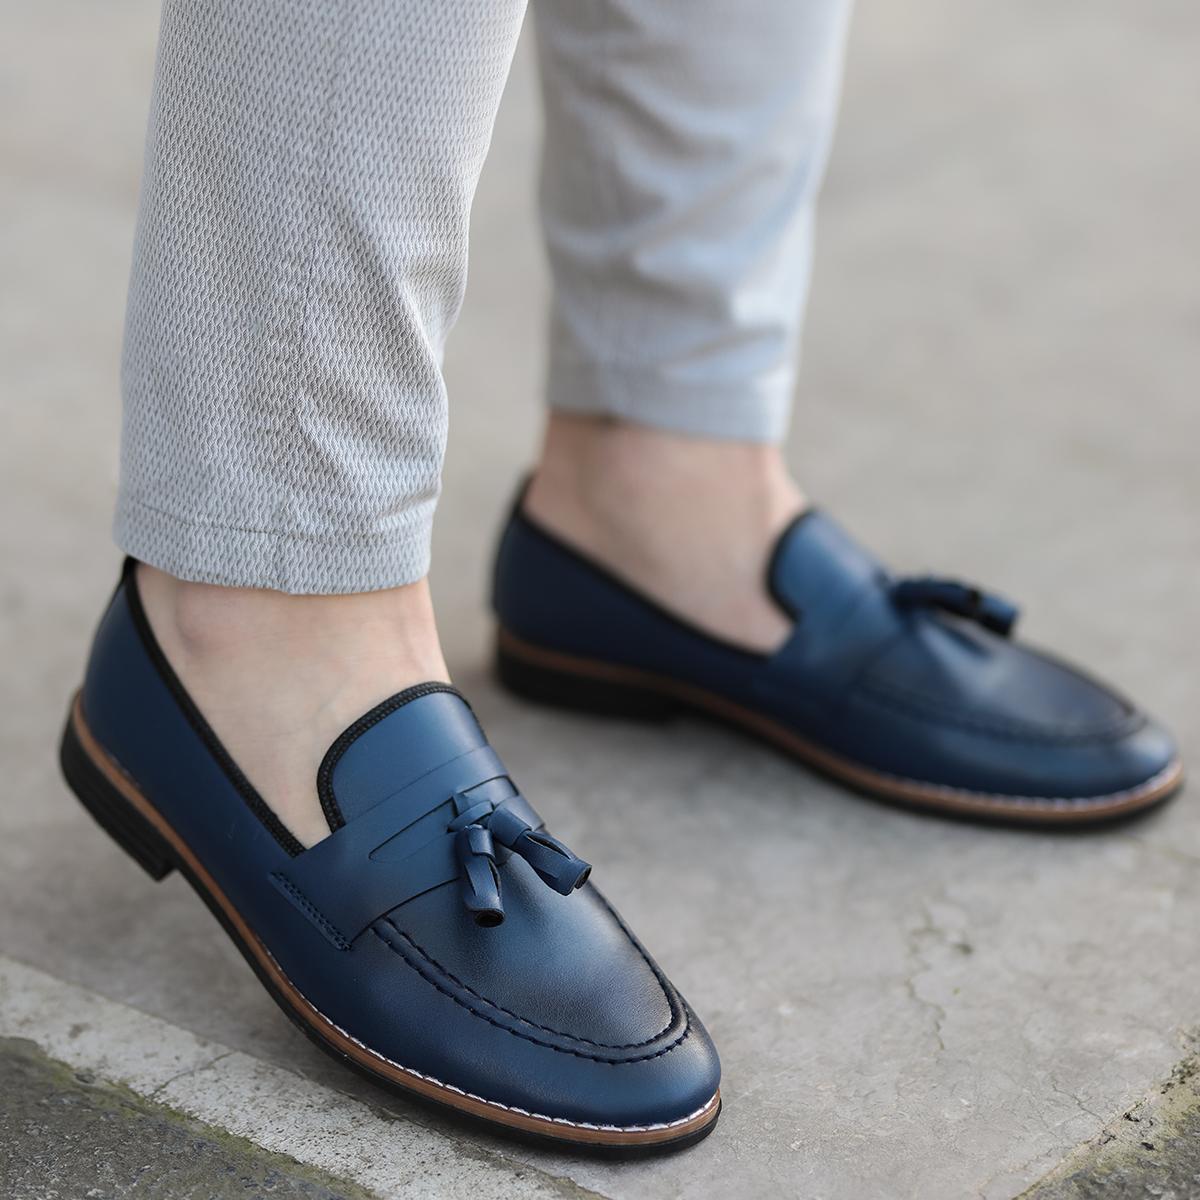 Corcik Lacivert Deri Günlük Ayakkabı AYK189